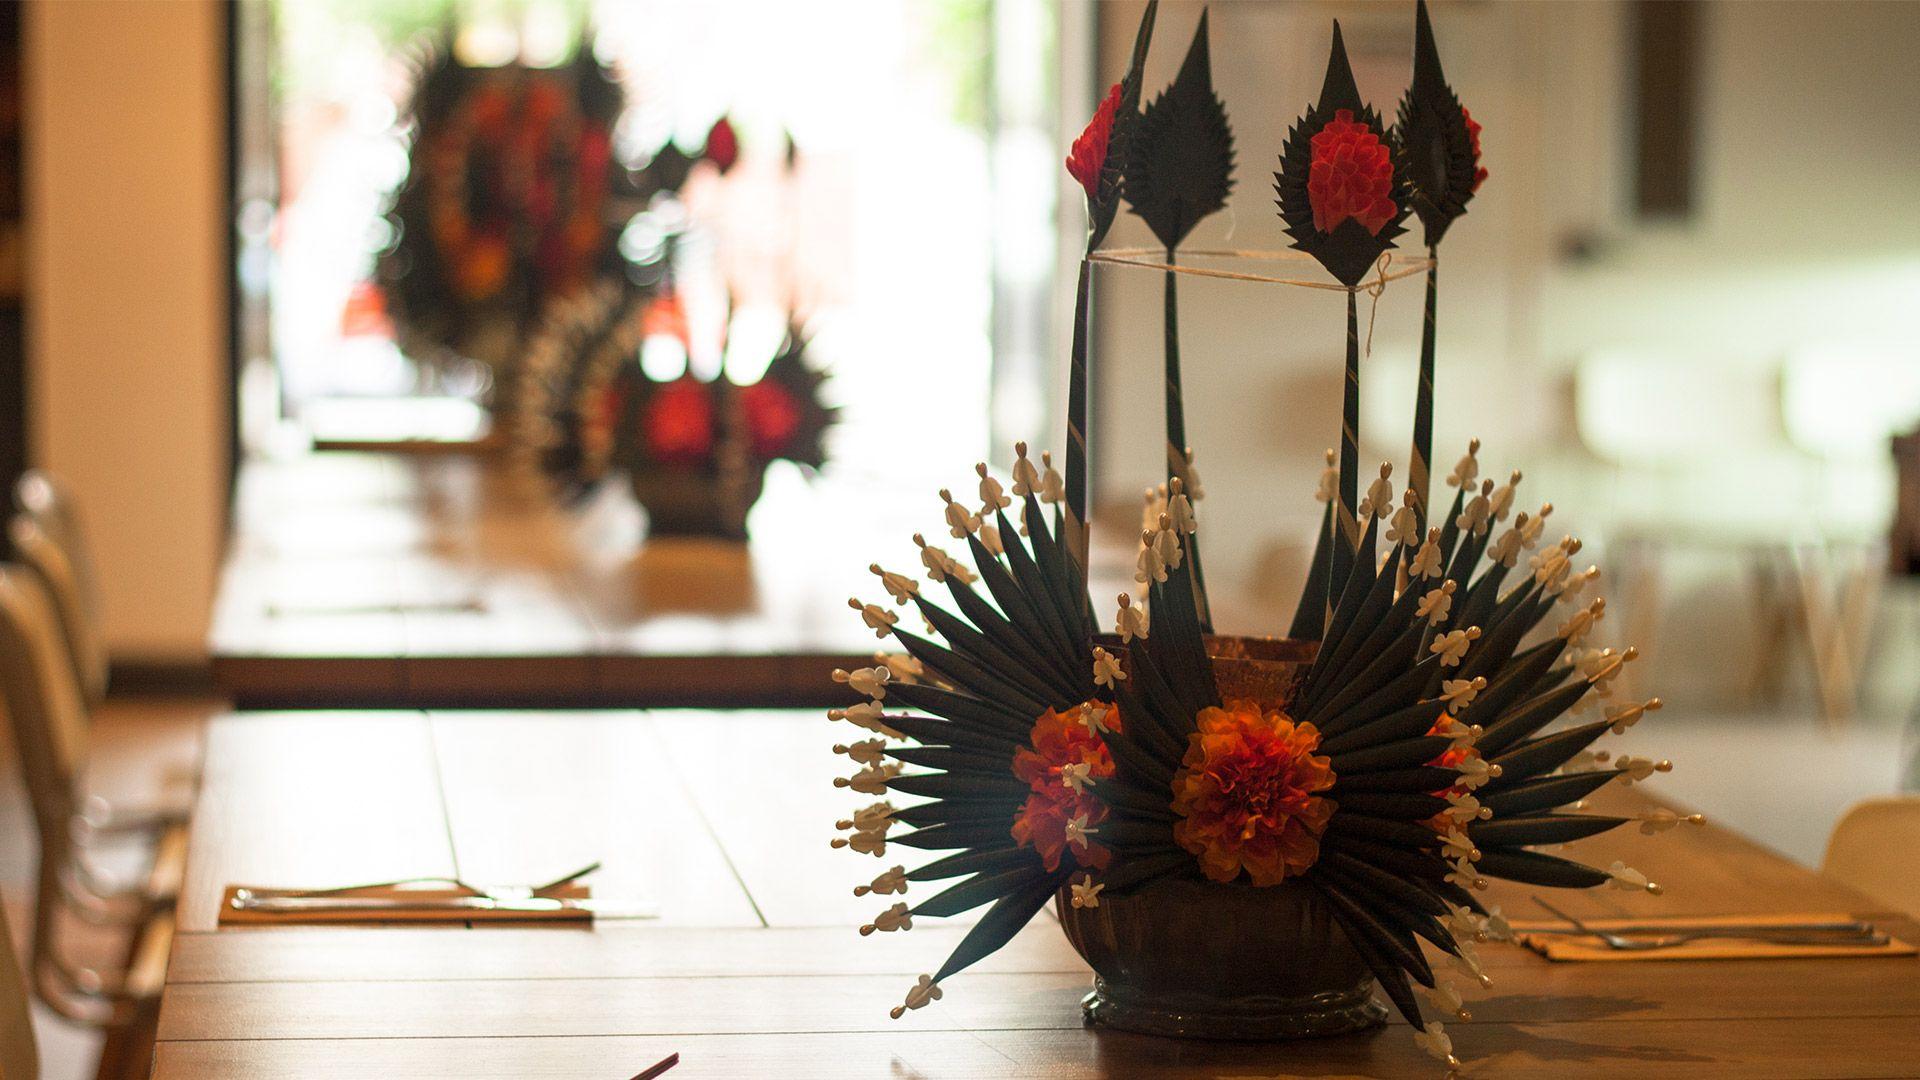 Farmhouse Kitchen Thai 710 Florida St San Francisco, CA